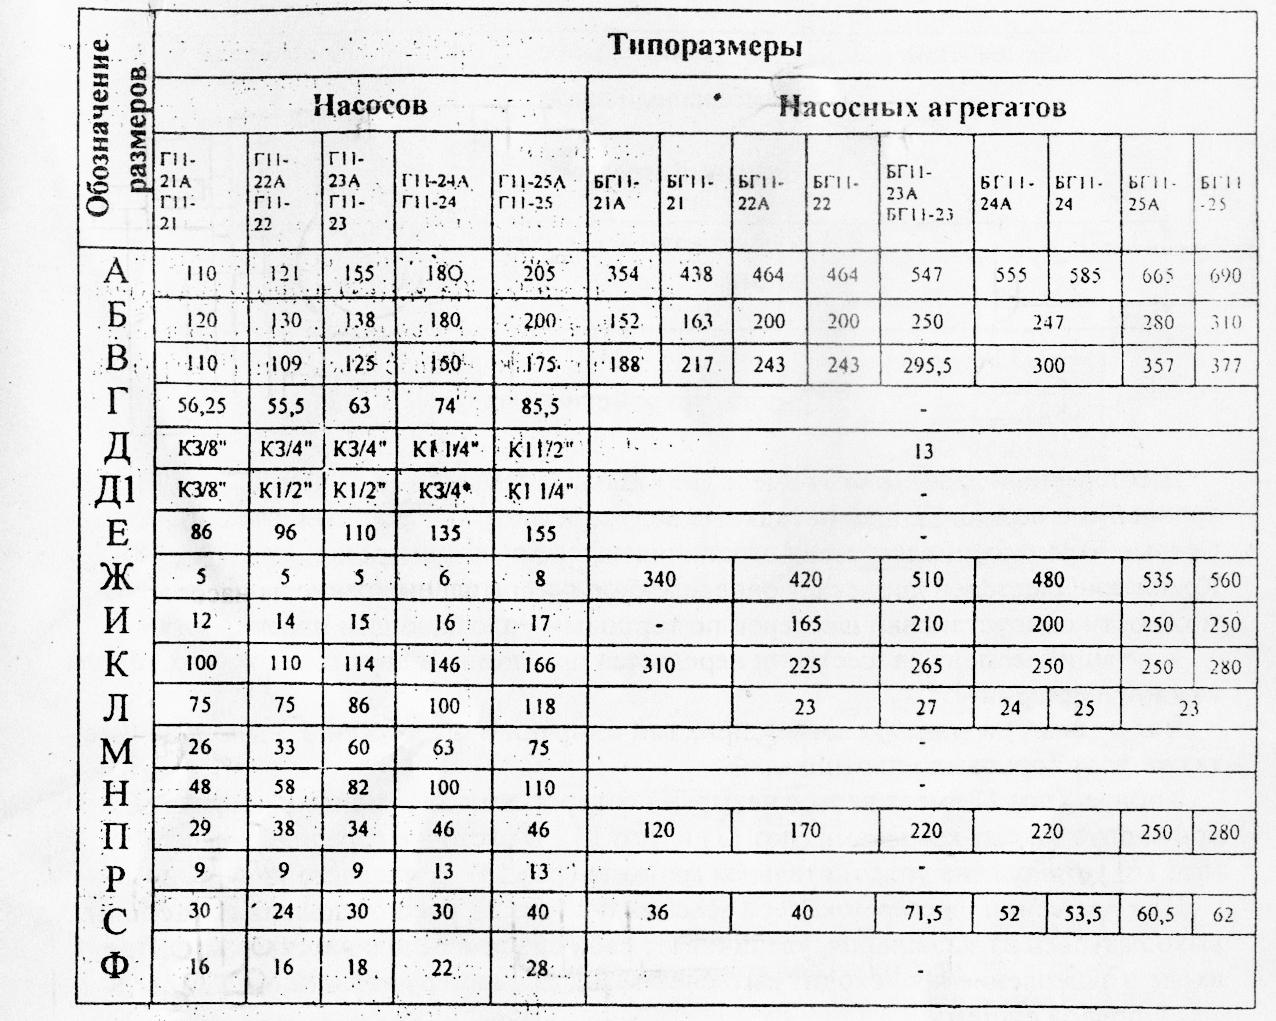 Типоразмеры гидронасосов и насосных агрегатов марки Г11-2 БГ11-2 ДБГ11-2